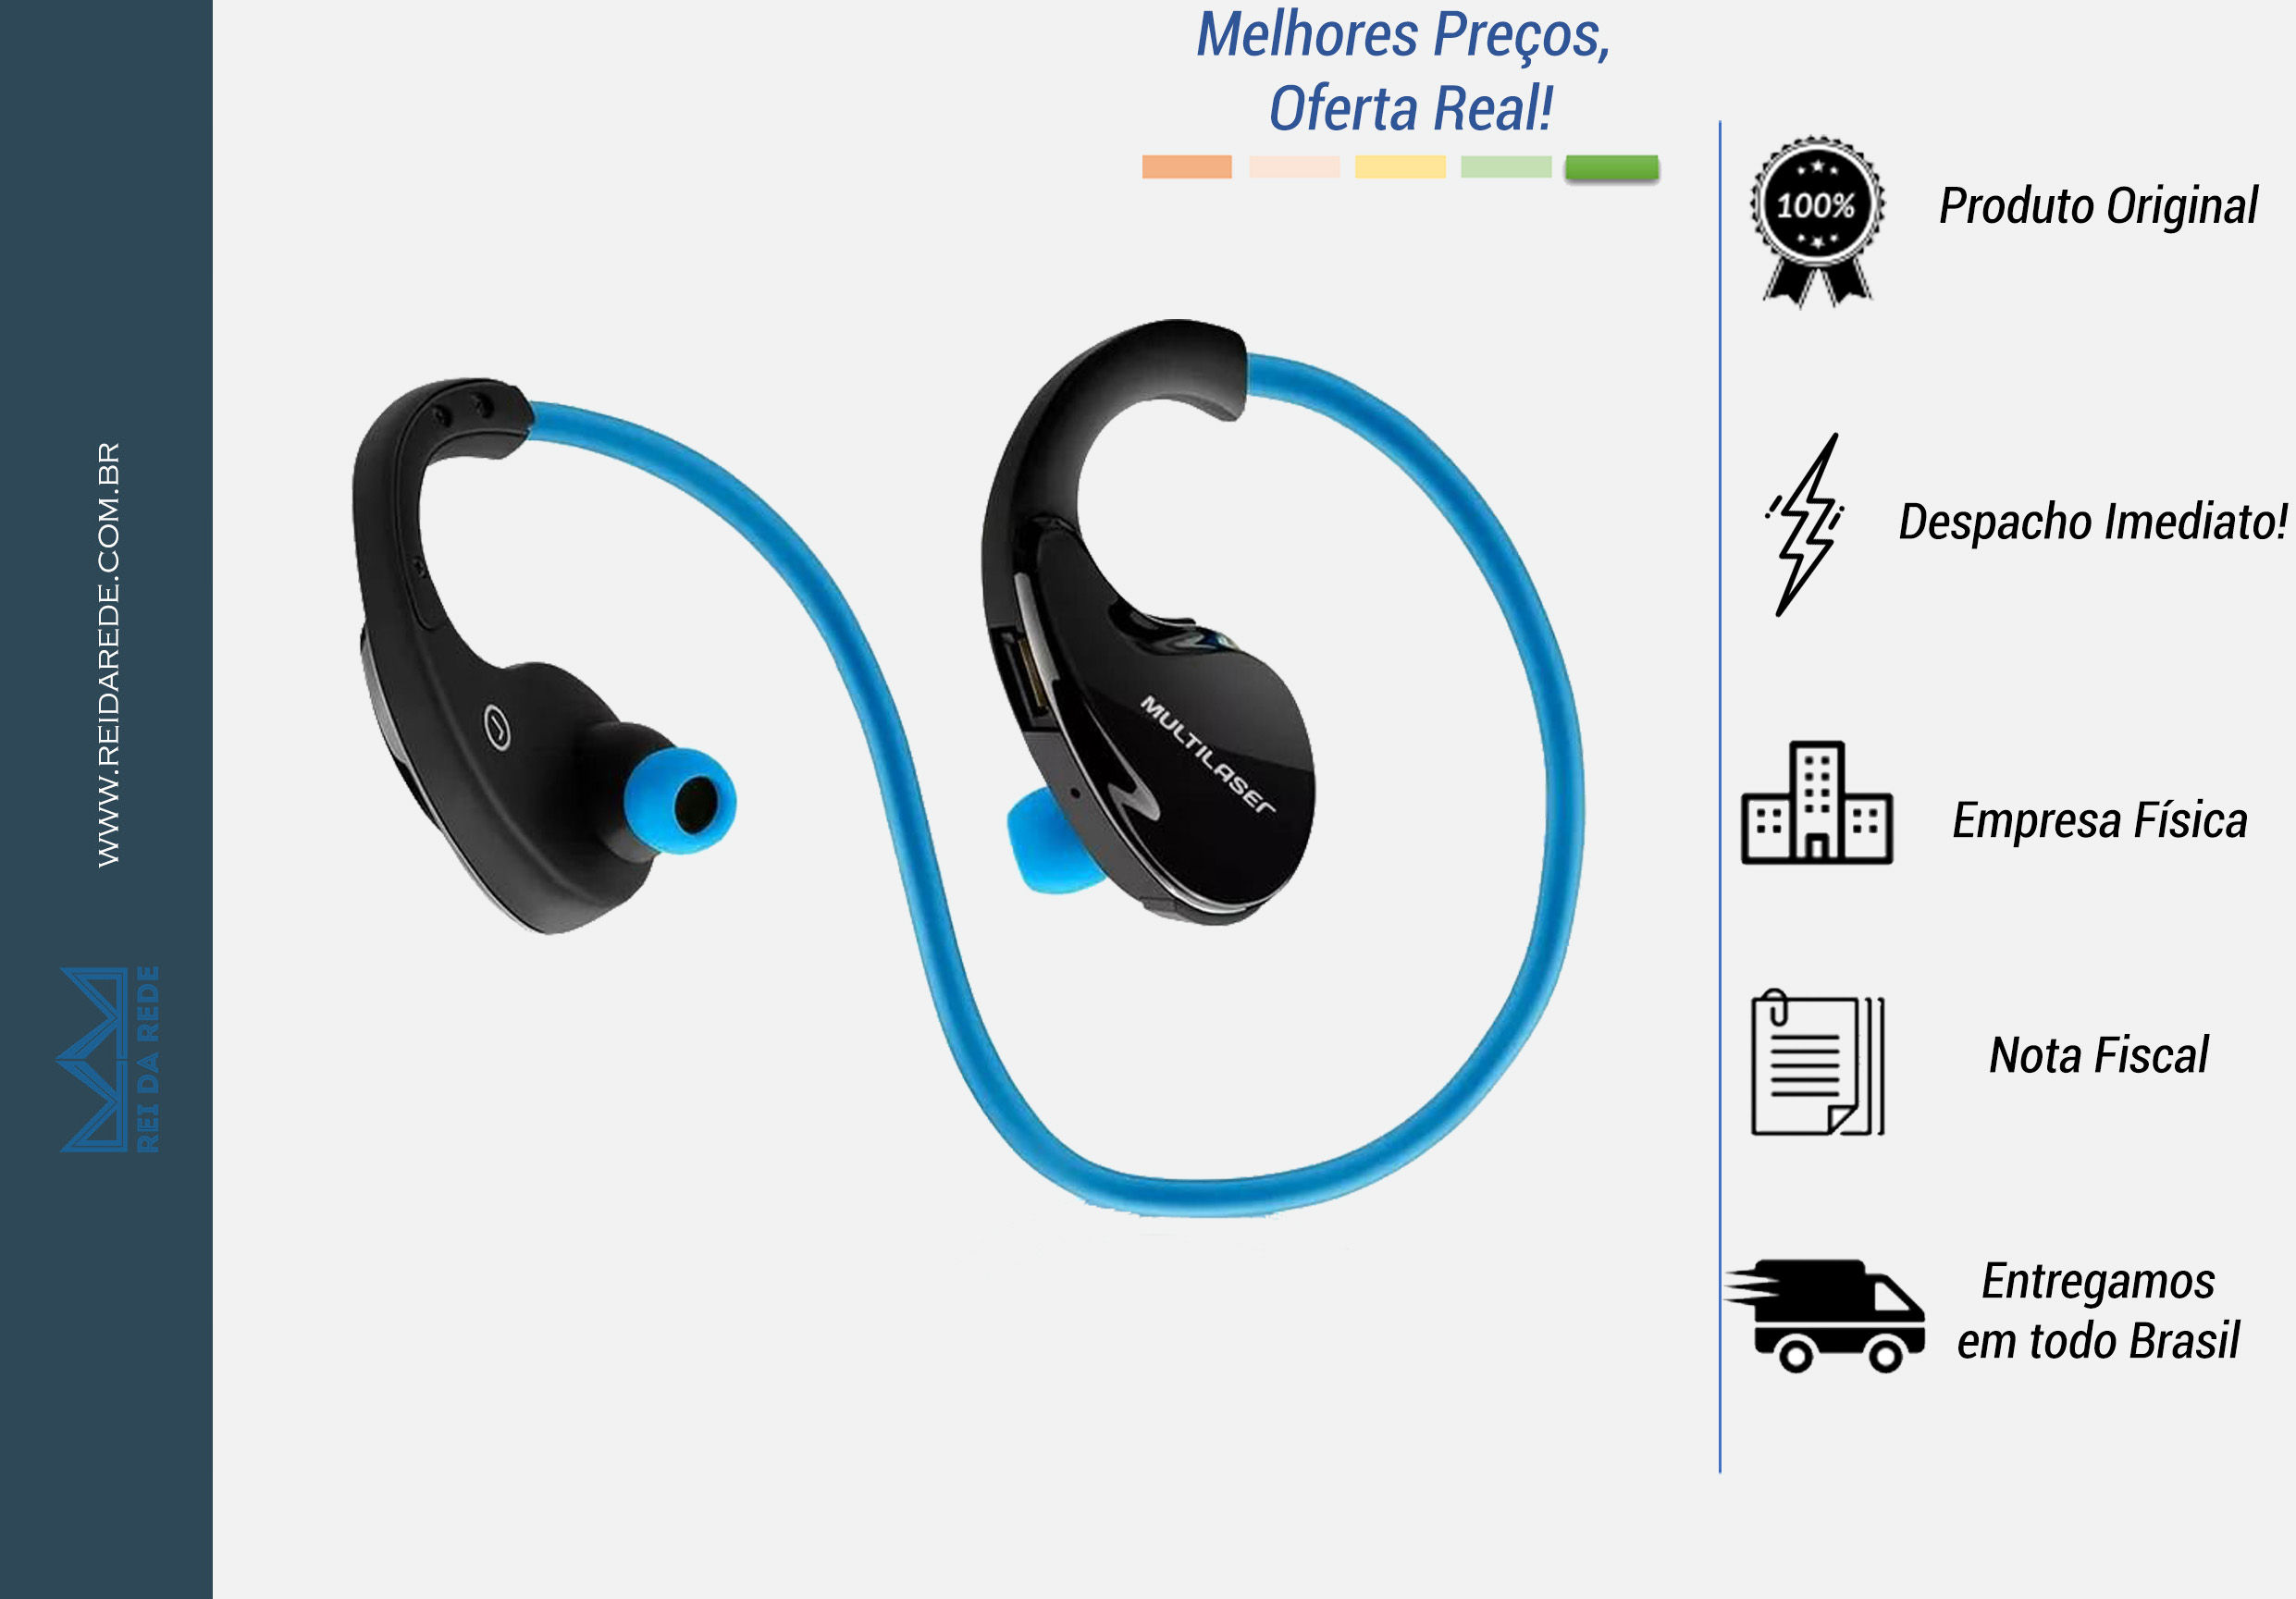 Fone de Ouvido Bluetooth Arco Sport Azul Multilaser PH182